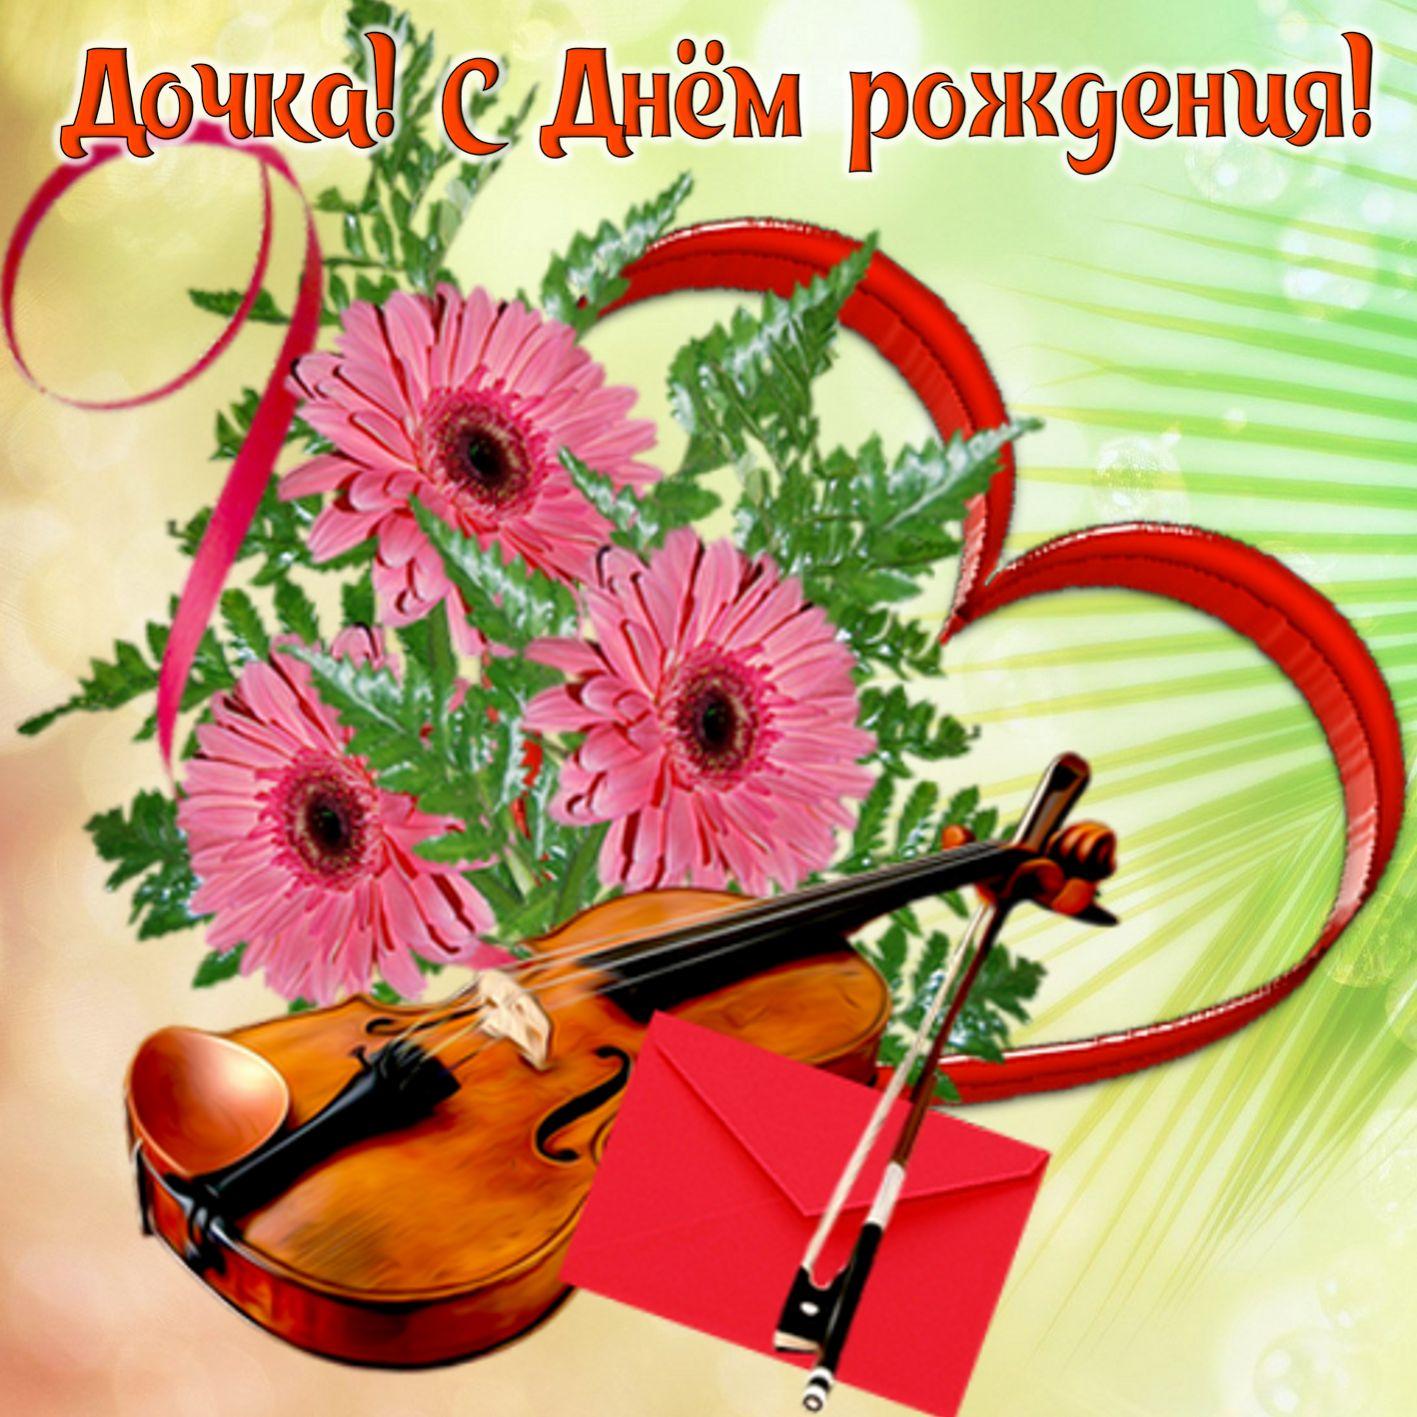 Открытка, открытки со скрипкой с днем рождения